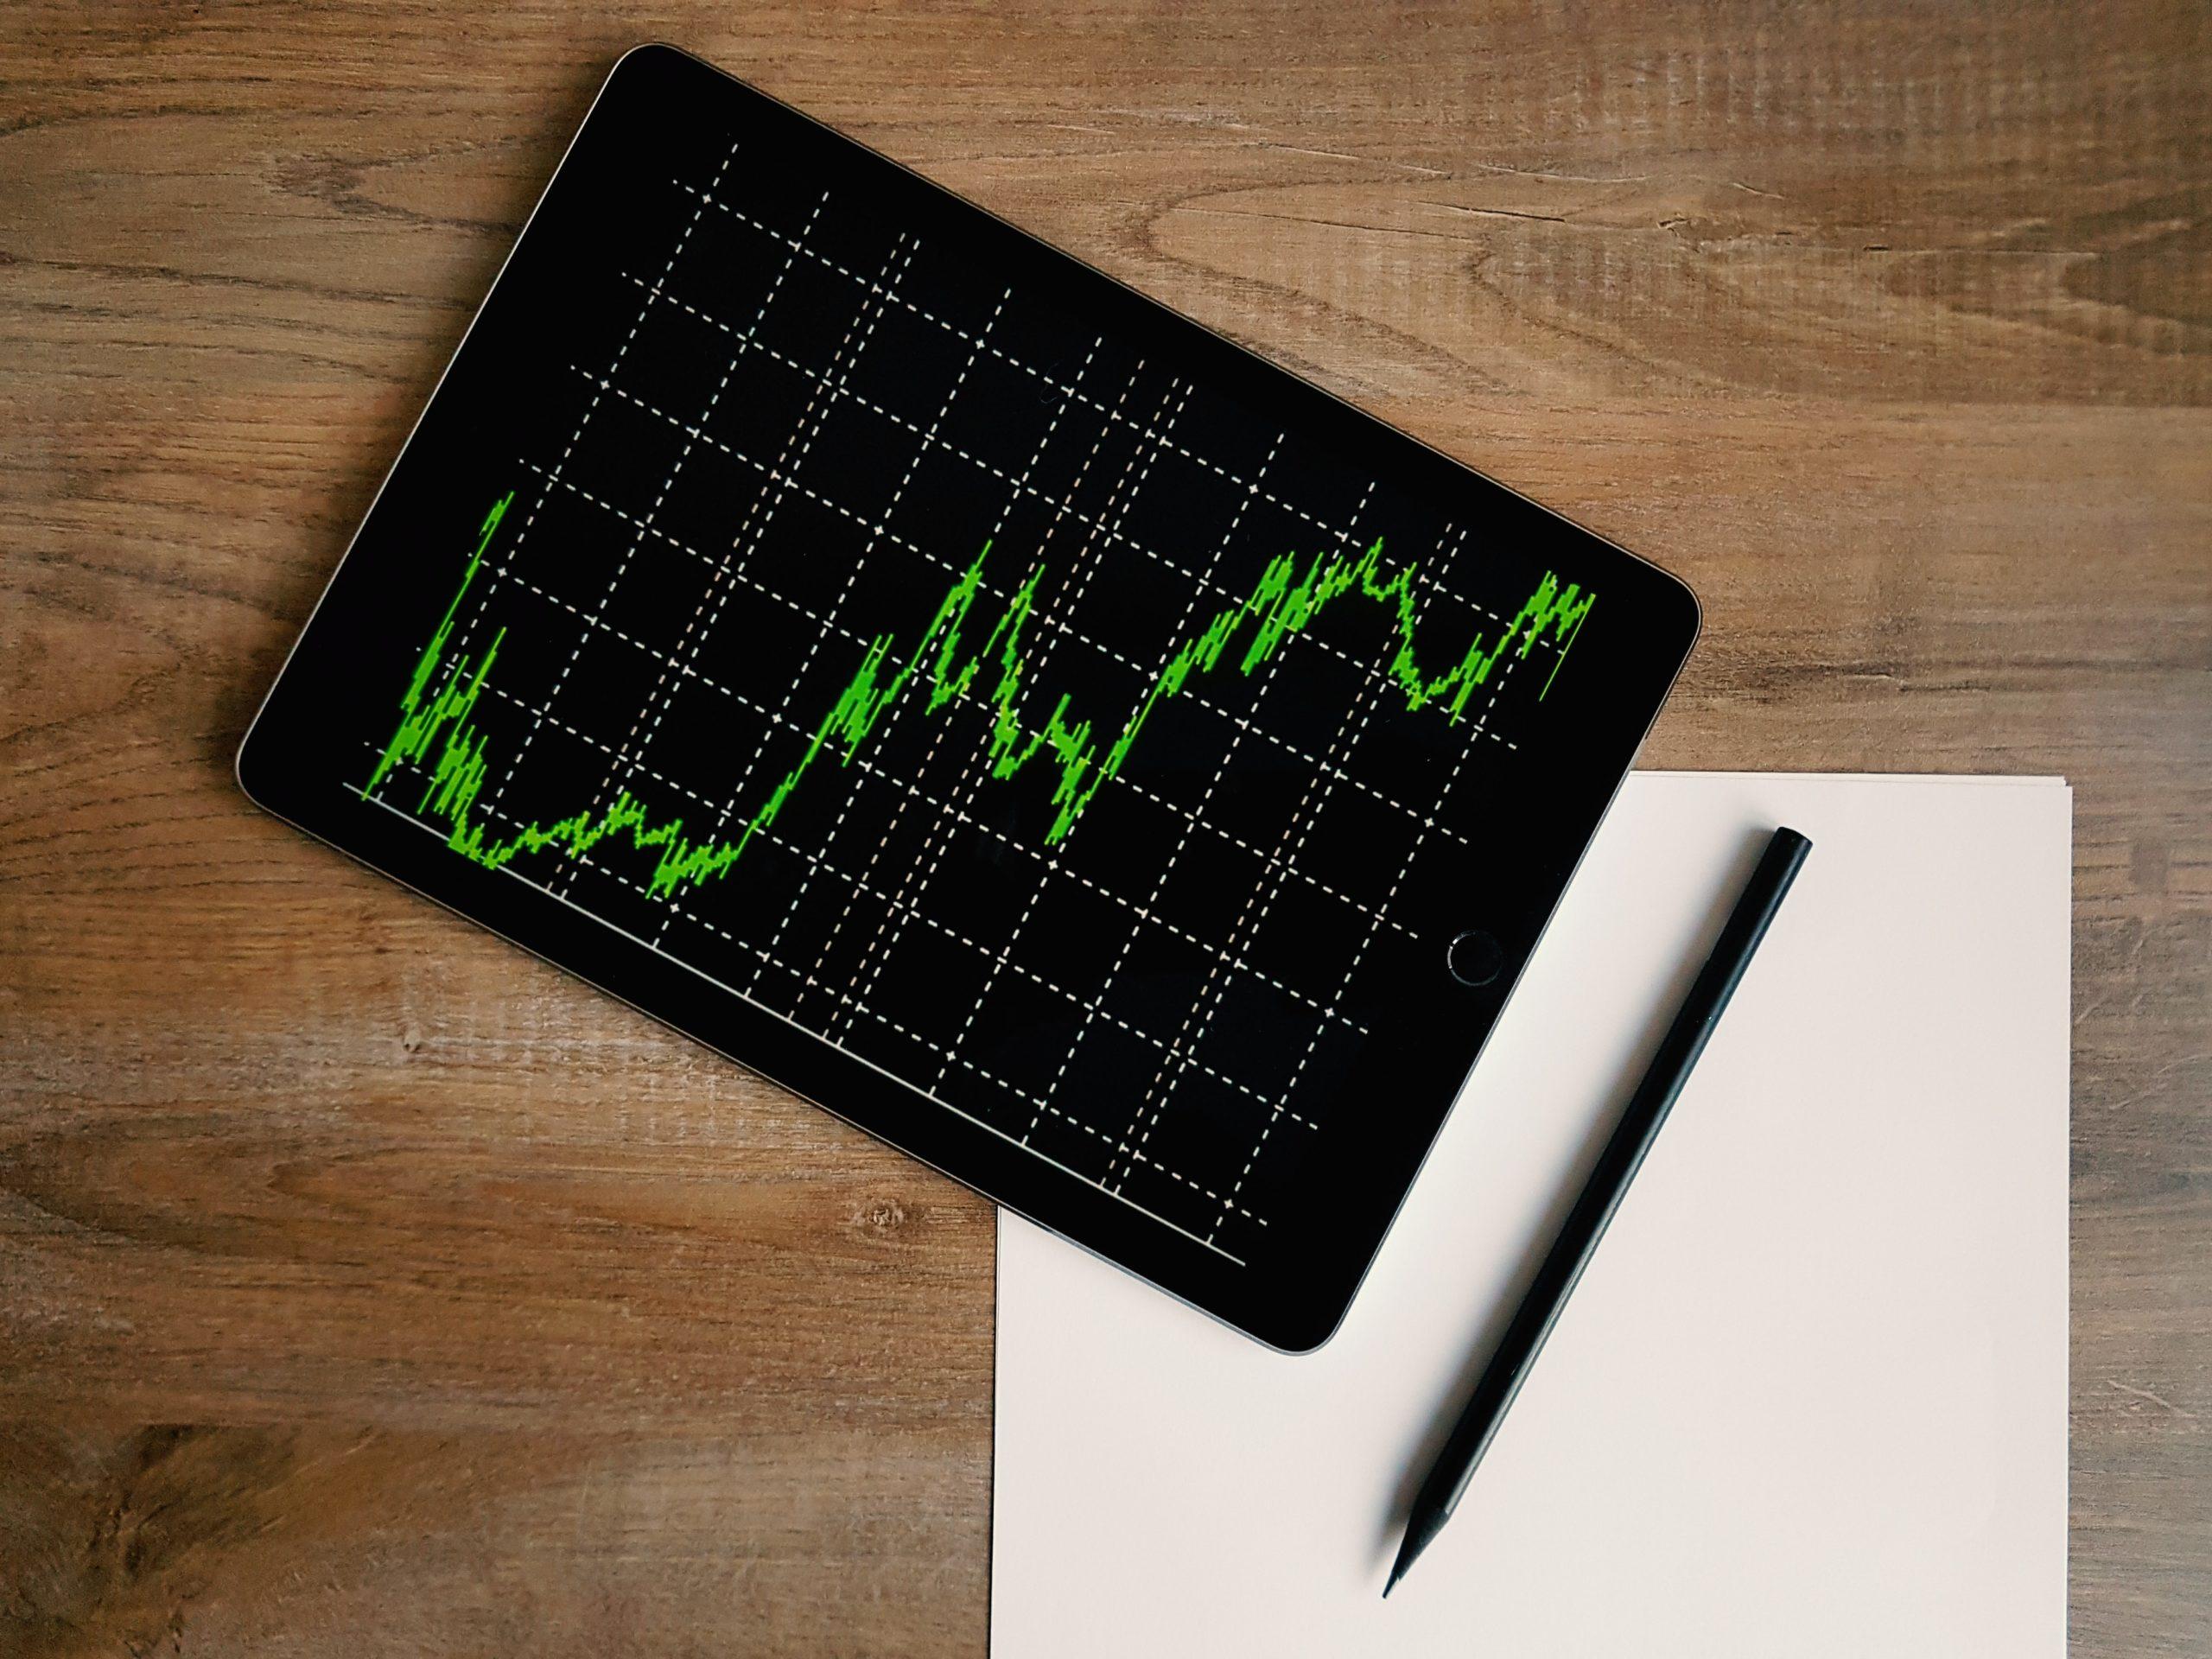 Эксперт прокомментировал рост объема торгов на фондовой бирже